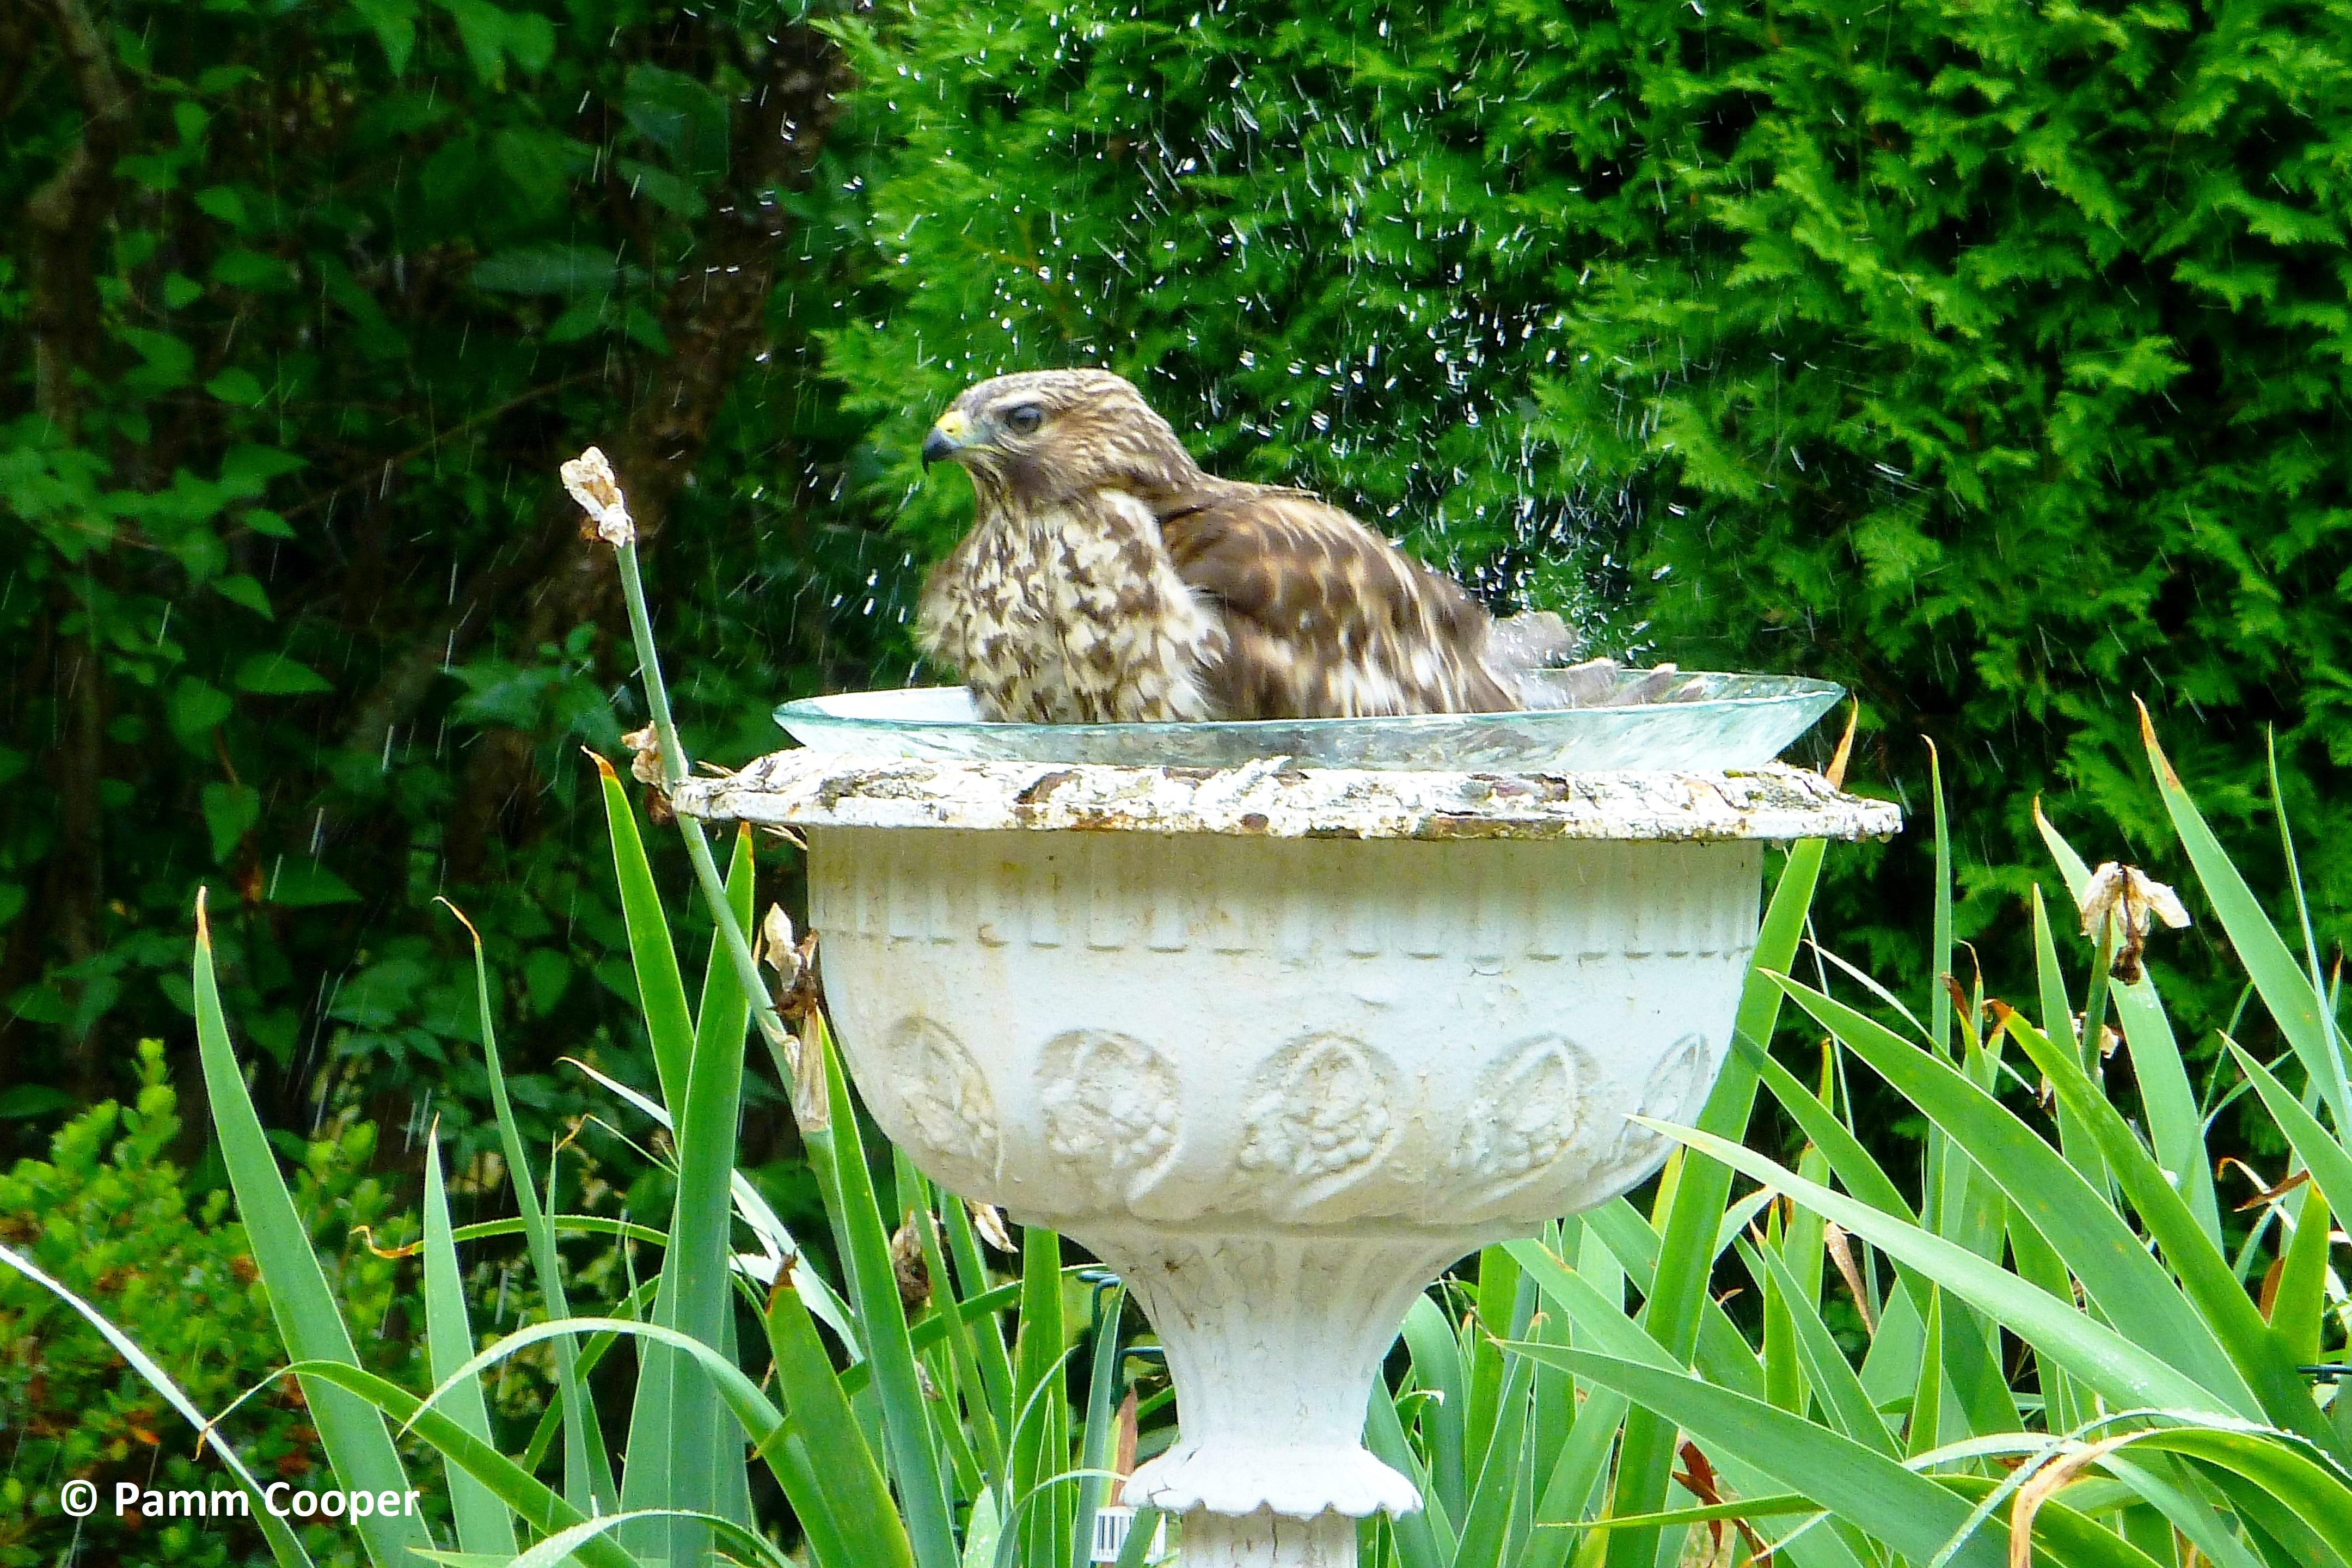 red shouldered hawk in neighbor's bird bath